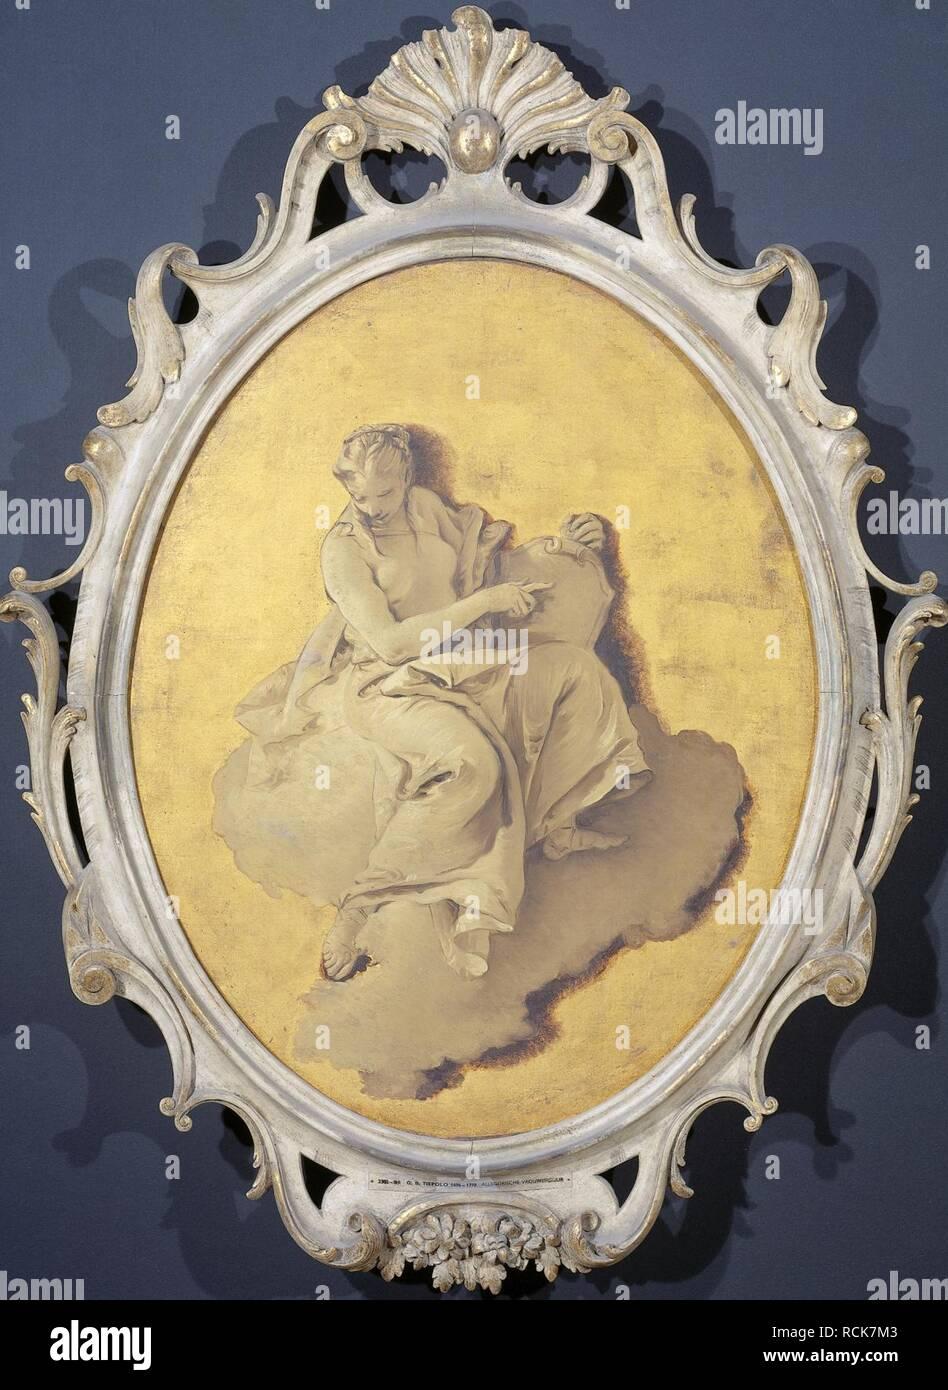 Allegorische vrouwenfiguur met een schild of spiegel (wellicht Voorzichtigheid) Rijksmuseum SK-A-3438. - Stock Image